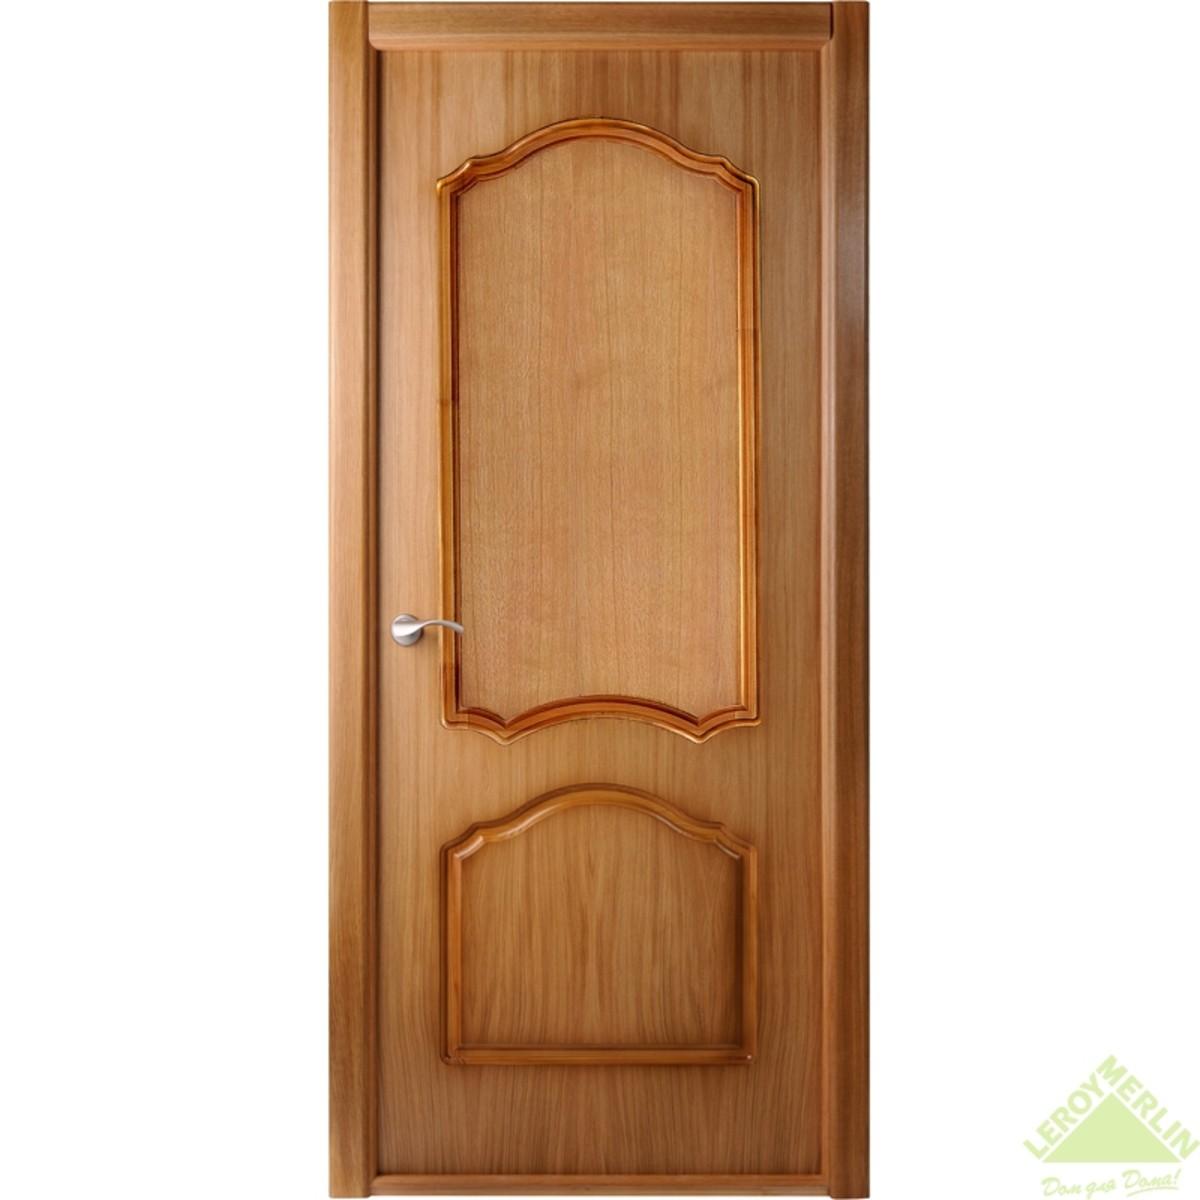 Дверь Межкомнатная Глухая Каролина 80x200 Ламинация Цвет Дуб